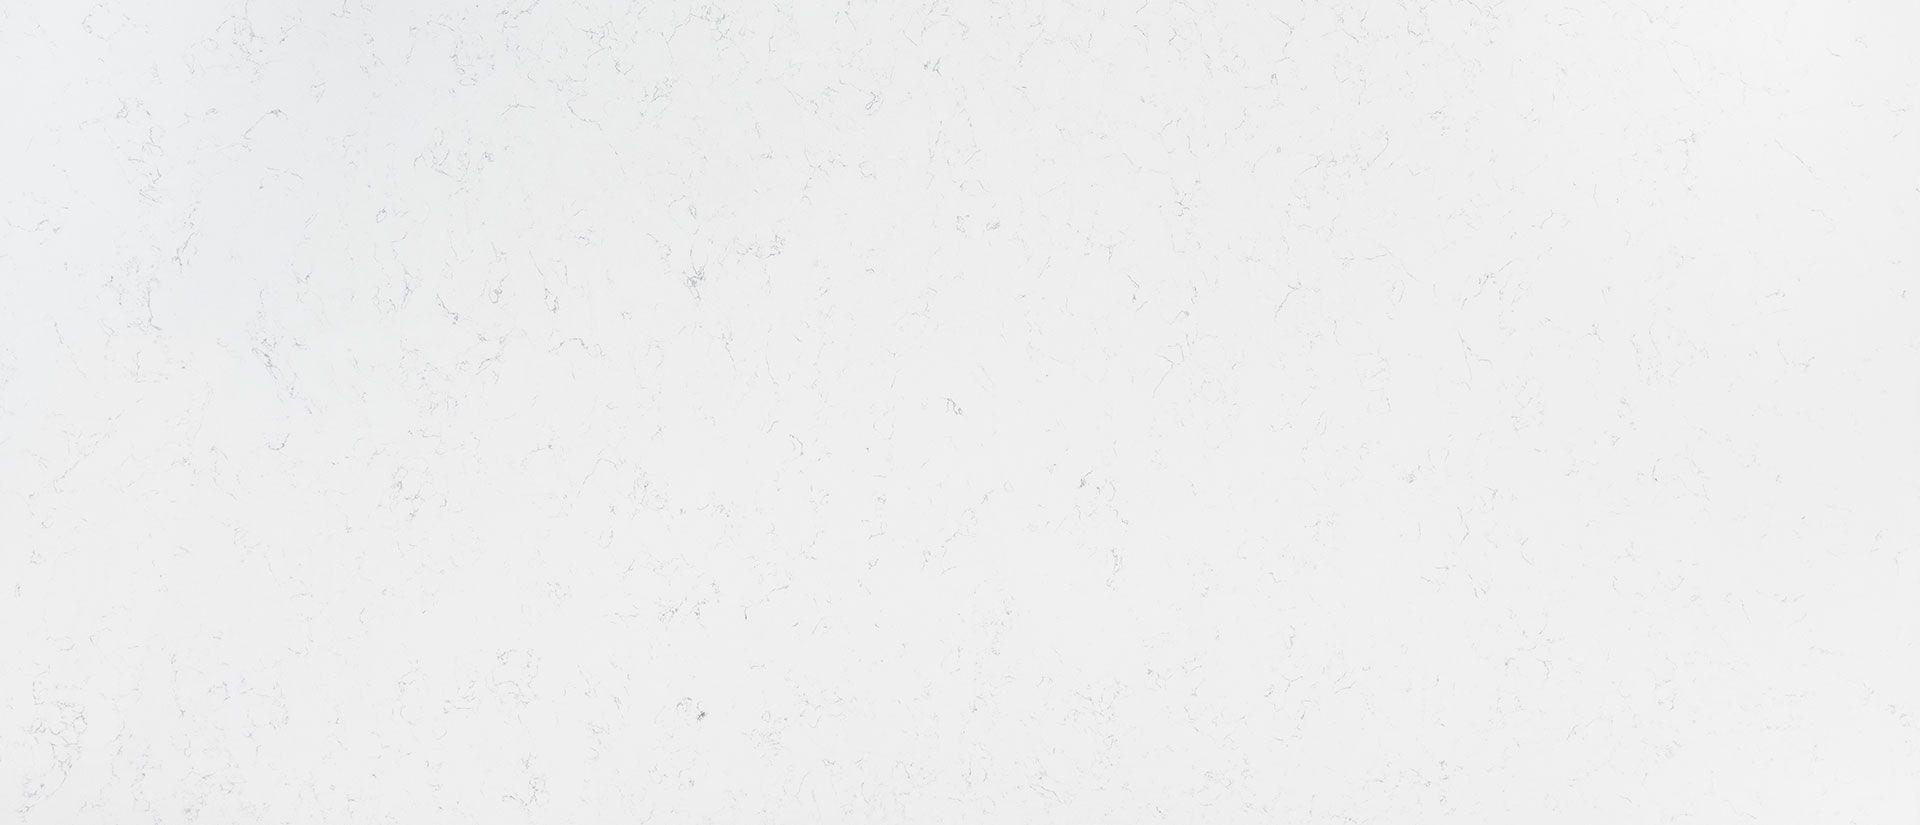 Carrara Morro Quartz Slab Countertops Q Premium Natural Quartz